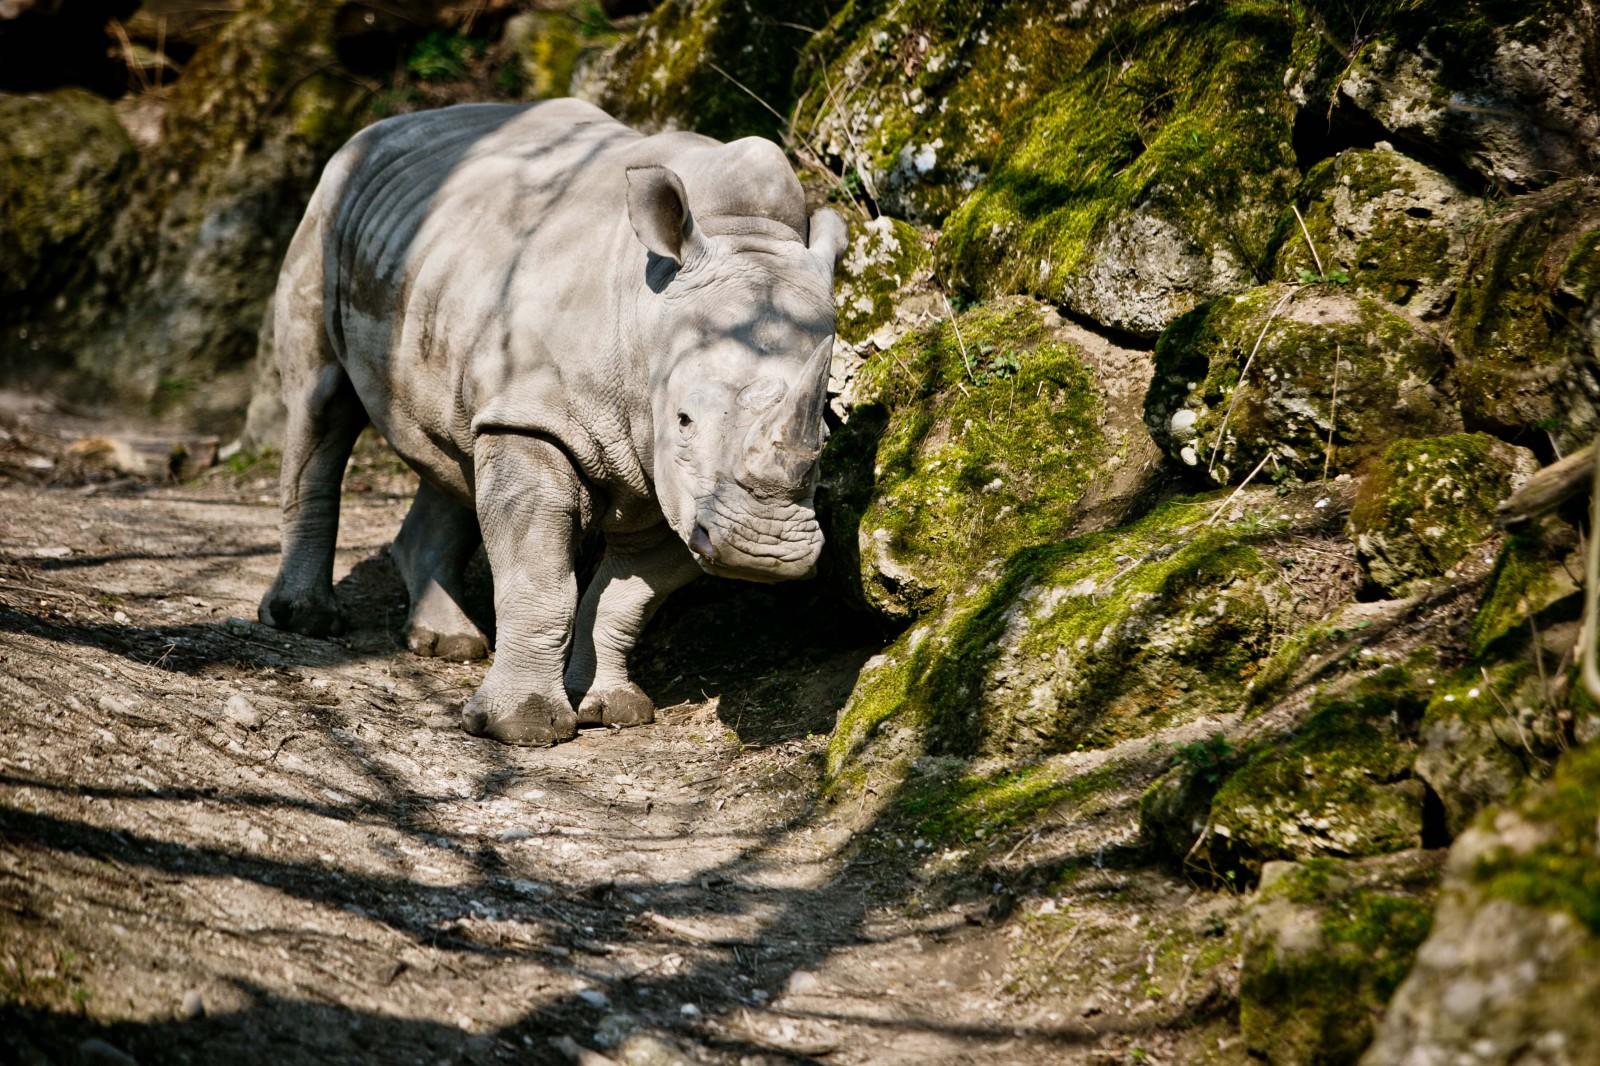 Neben dem Elefanten das größte Landsäugetier – das Breitmailnashorn